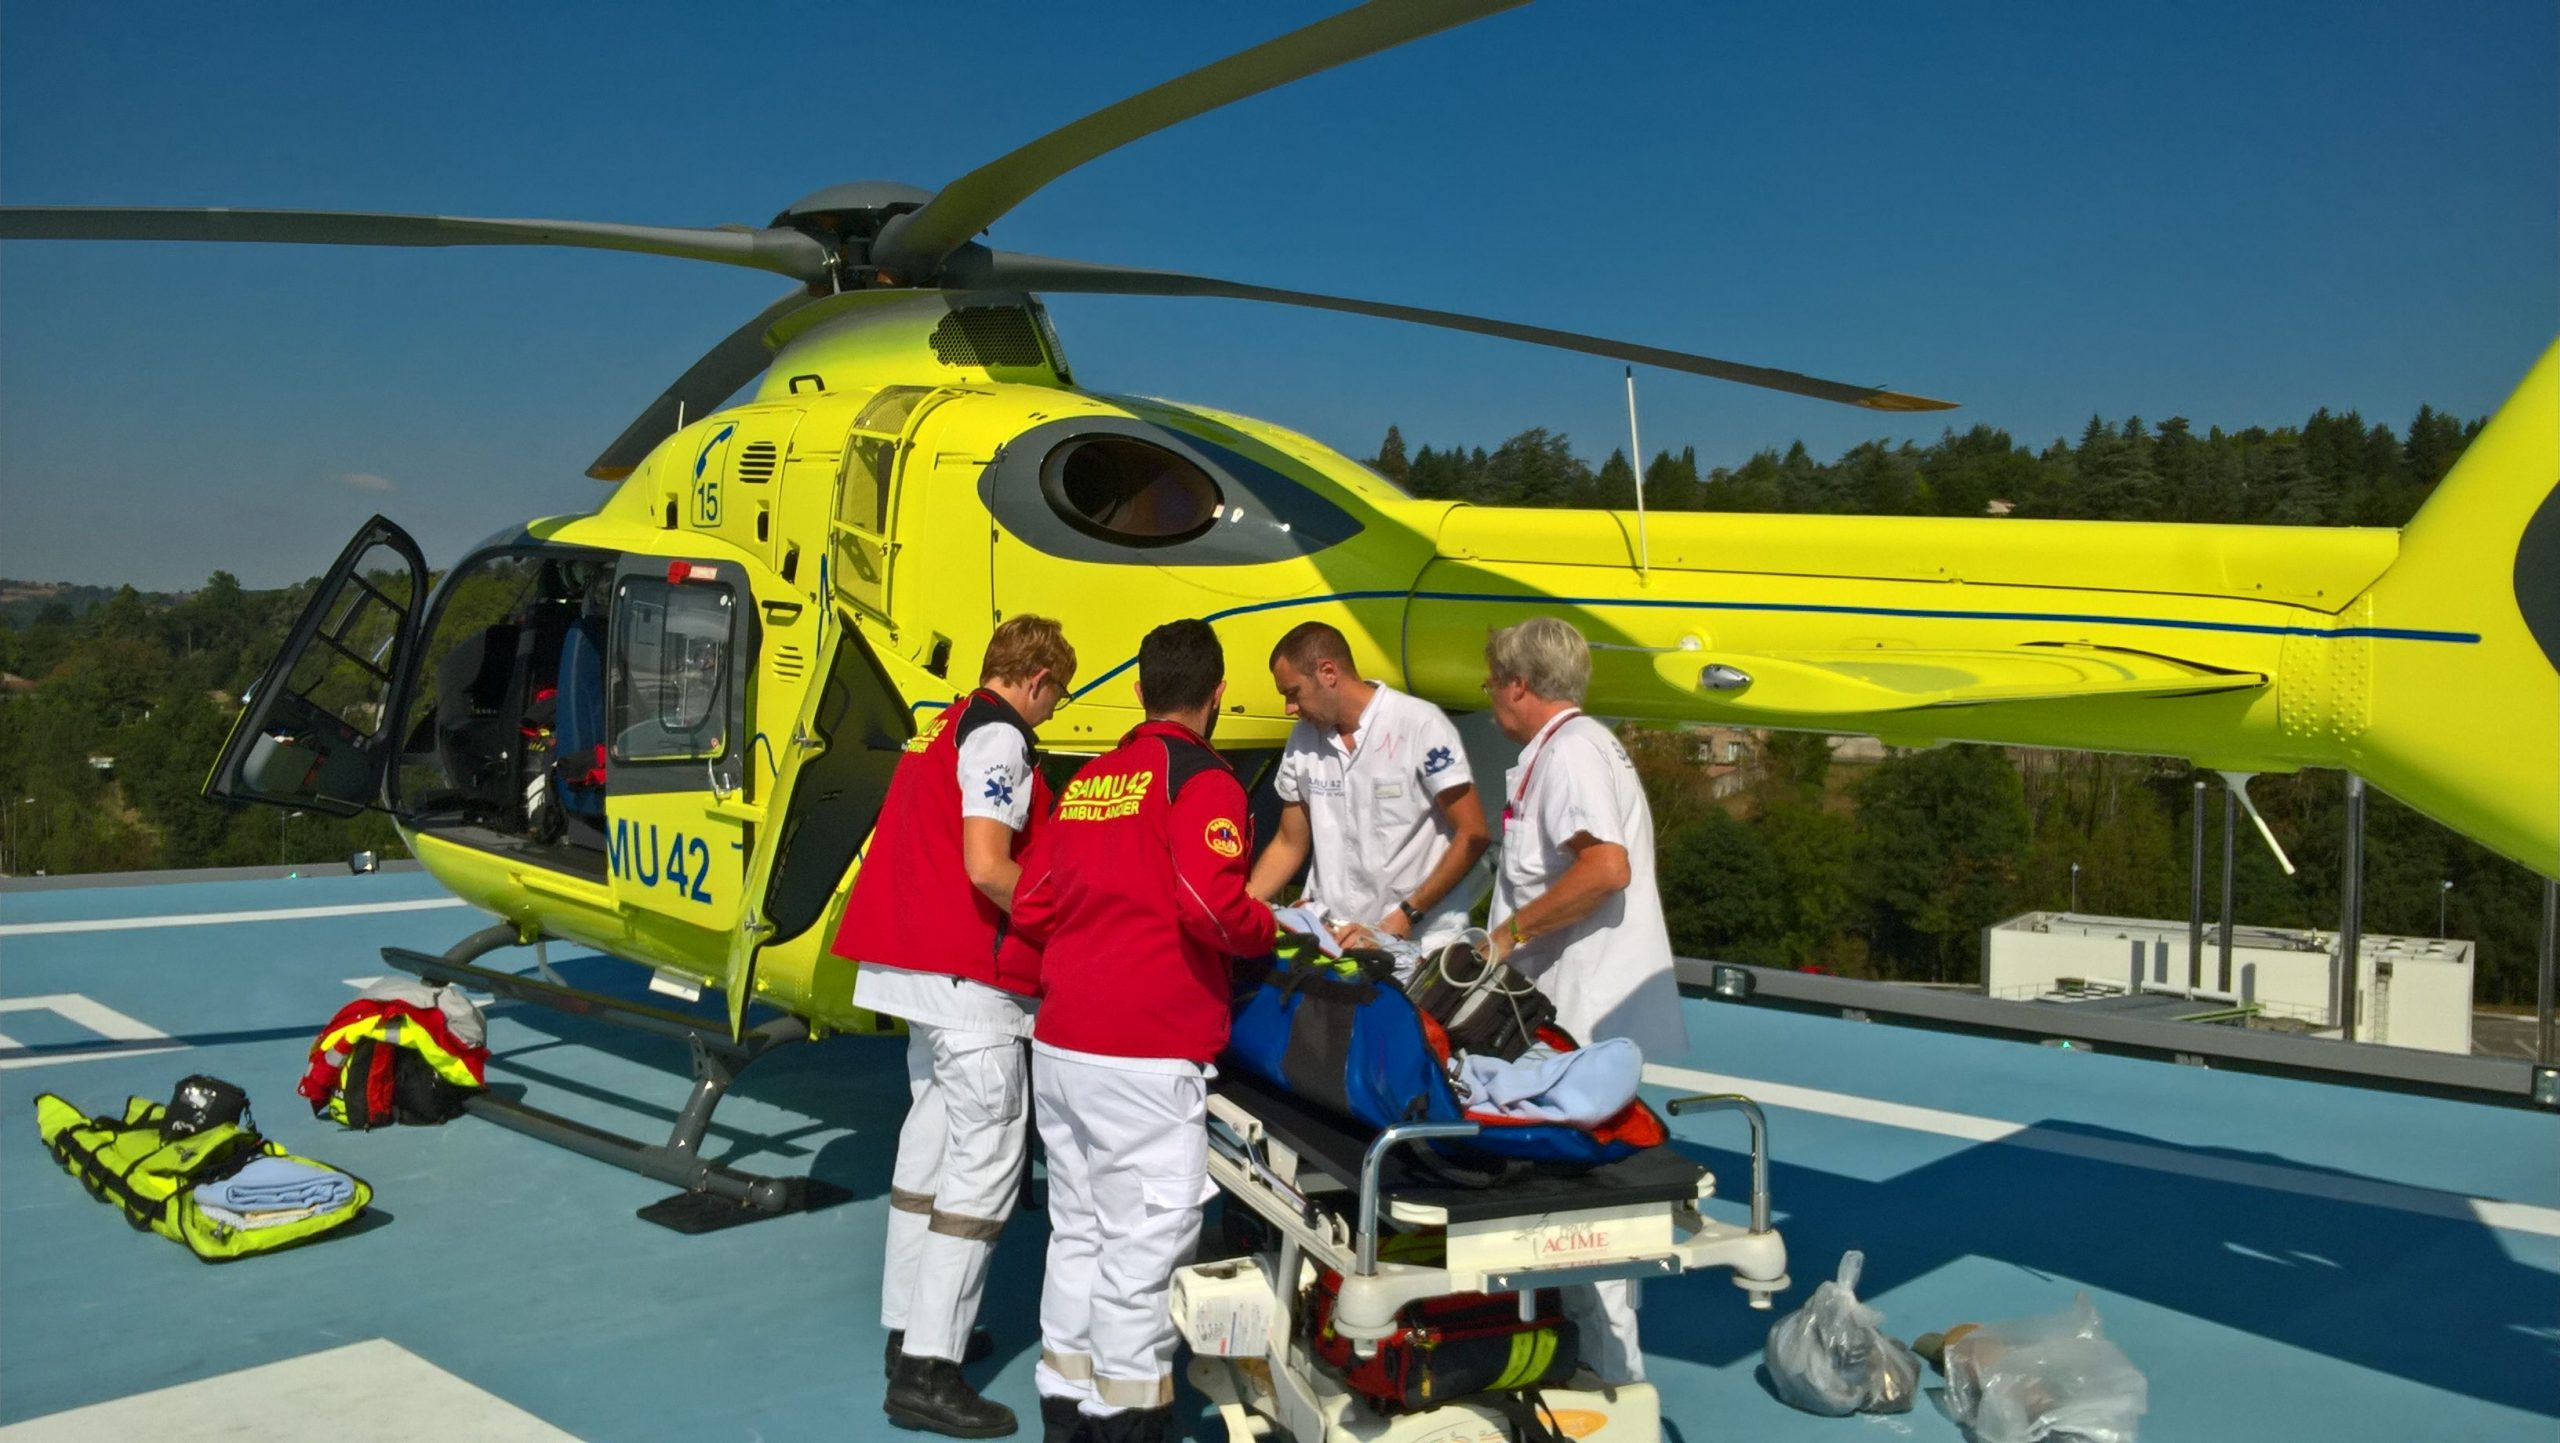 Mange forsikringsselskaber har rejseforsikringer, men der kan være forskel på, hvad de tilbyder i forhold til specialforsikringsselskaber med kun fokus på rejseforsikringer. Arkivpressefoto med en H135-redningshelikopter fra Airbus.